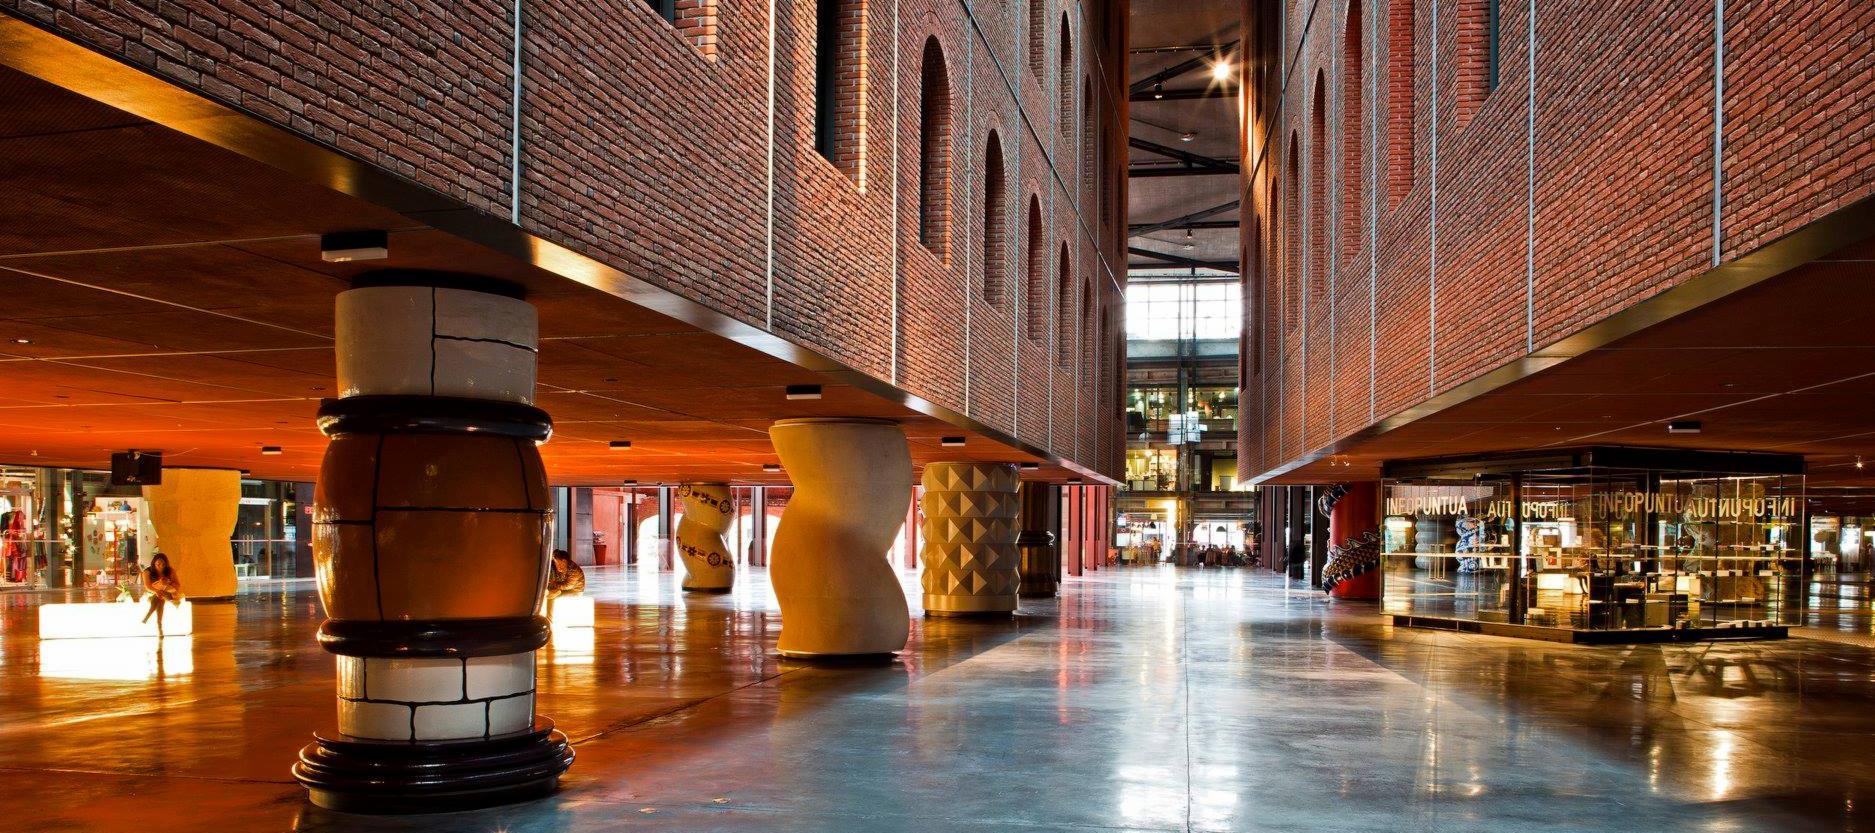 Azkuna Zentroa in Bilbao, Spain